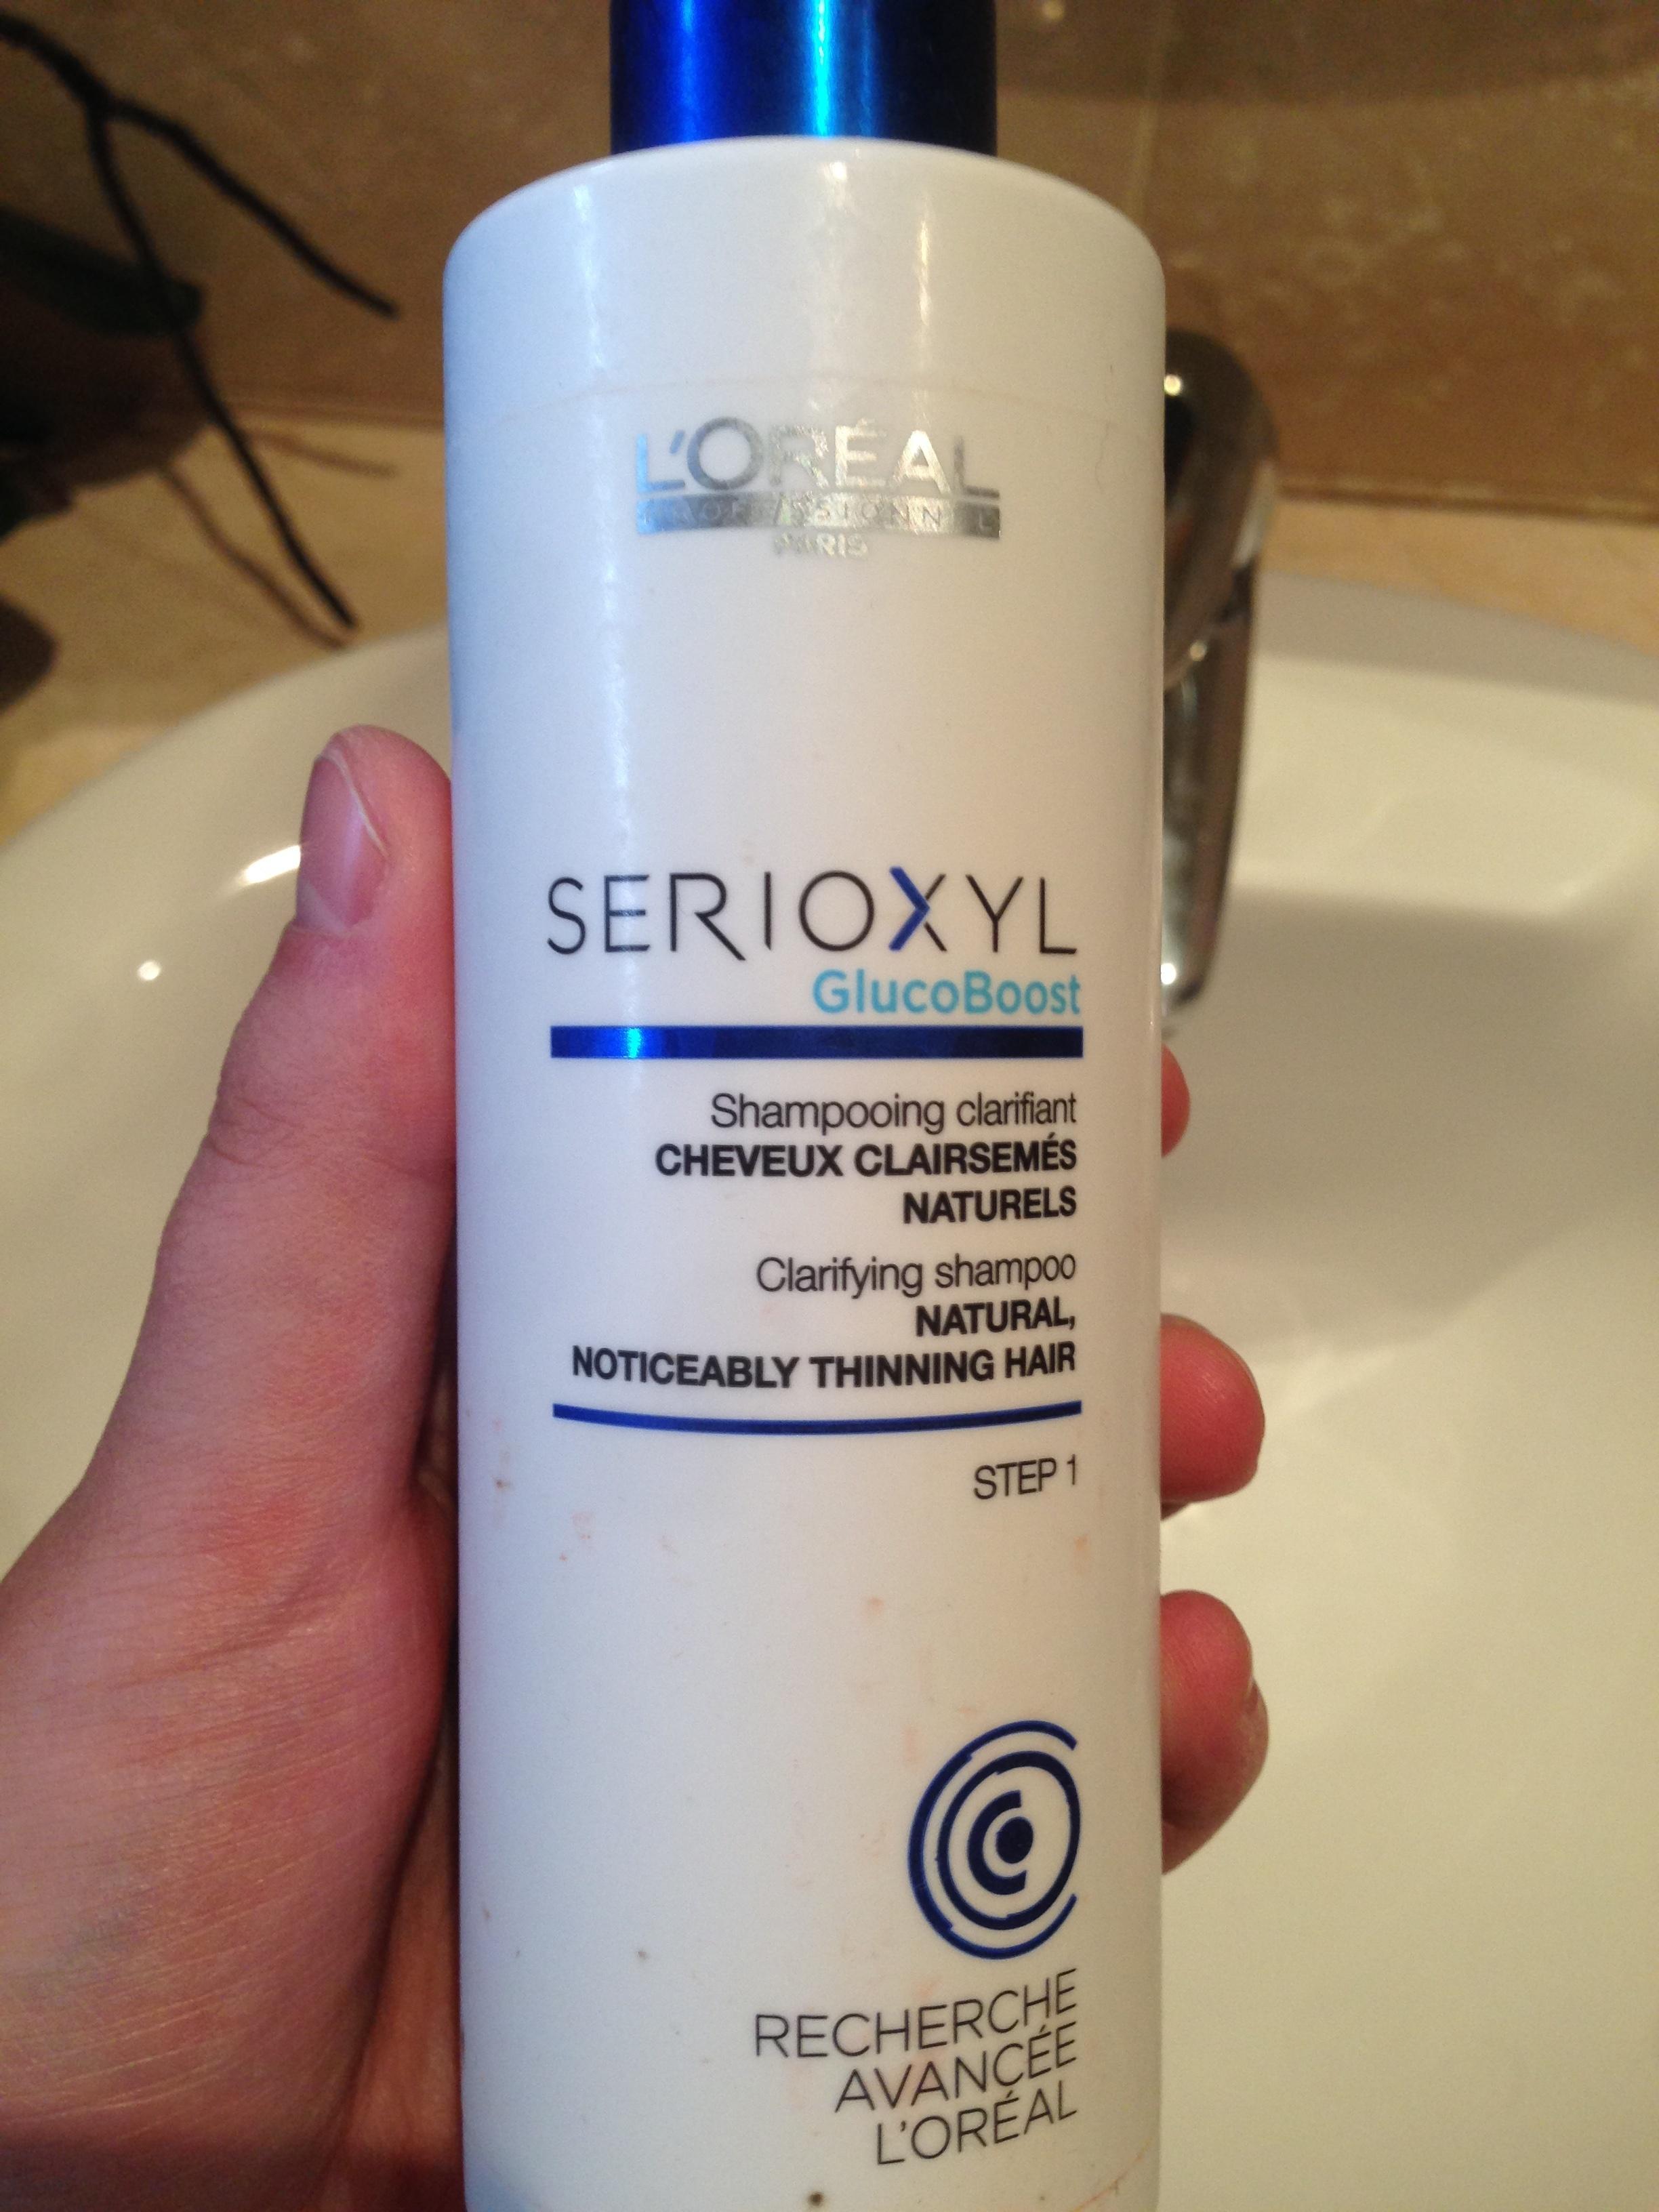 L'Oréal Professionnel Serioxyl GlucoBoost - Product - en